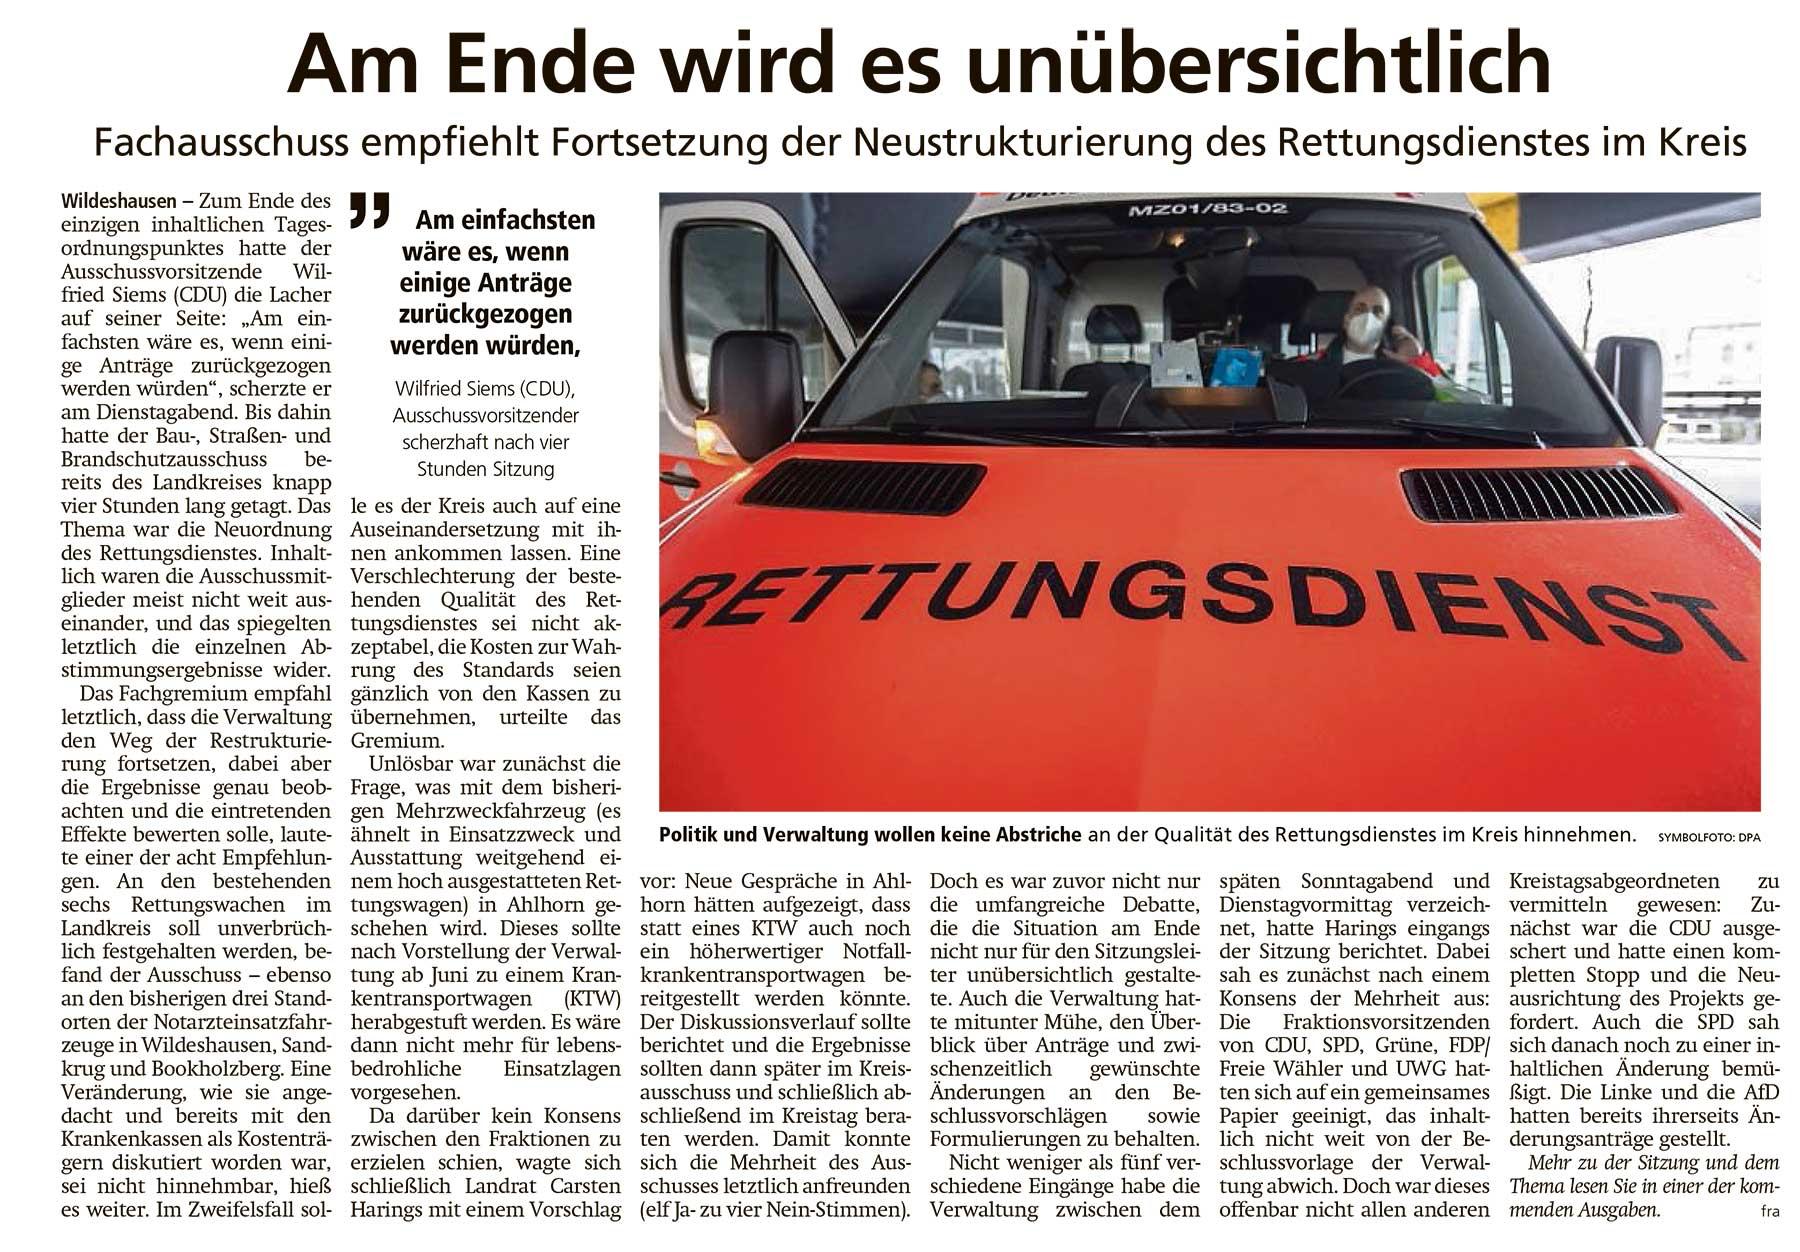 Am Ende wird es unübersichtlichFachausschuss empfiehlt Fortsetzung der Neustrukturierung des Rettungsdienstes im KreisArtikel vom 14.04.2021 (WZ)